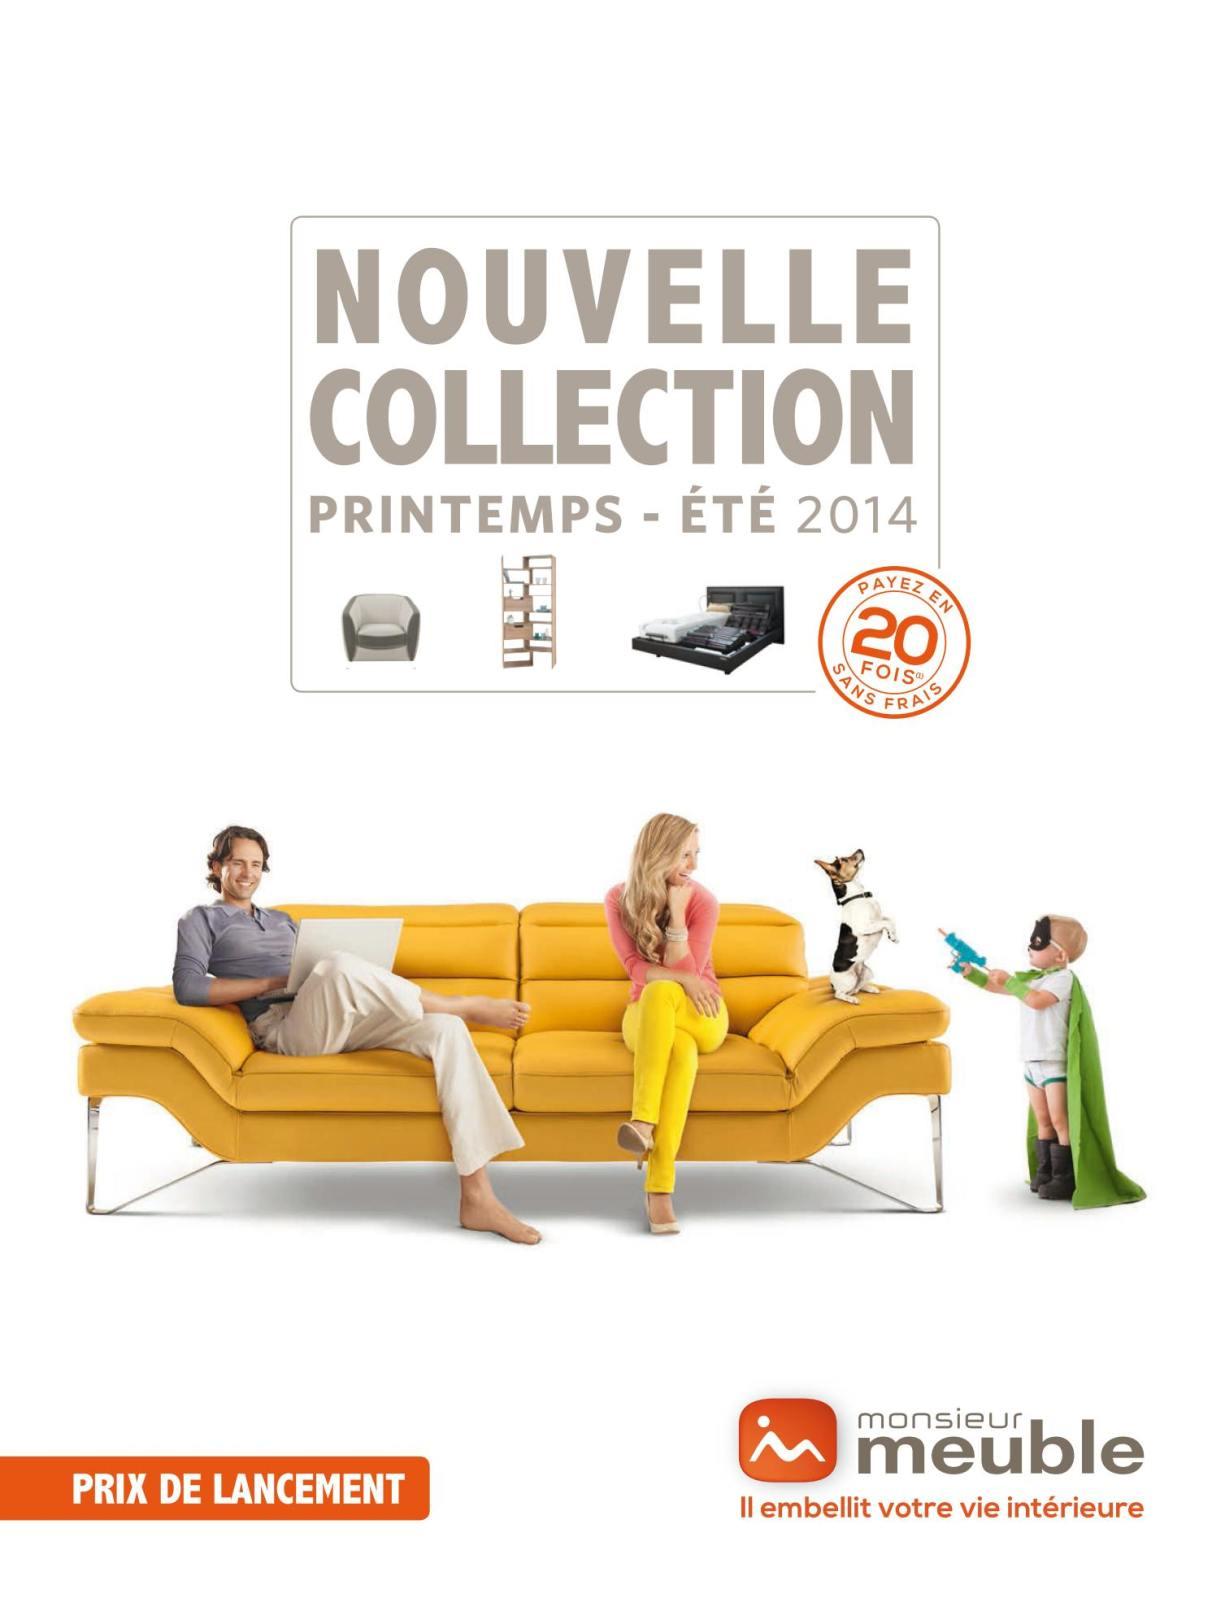 Catalogue Monsieur Meuble Nouvelle Collection Ete 2014